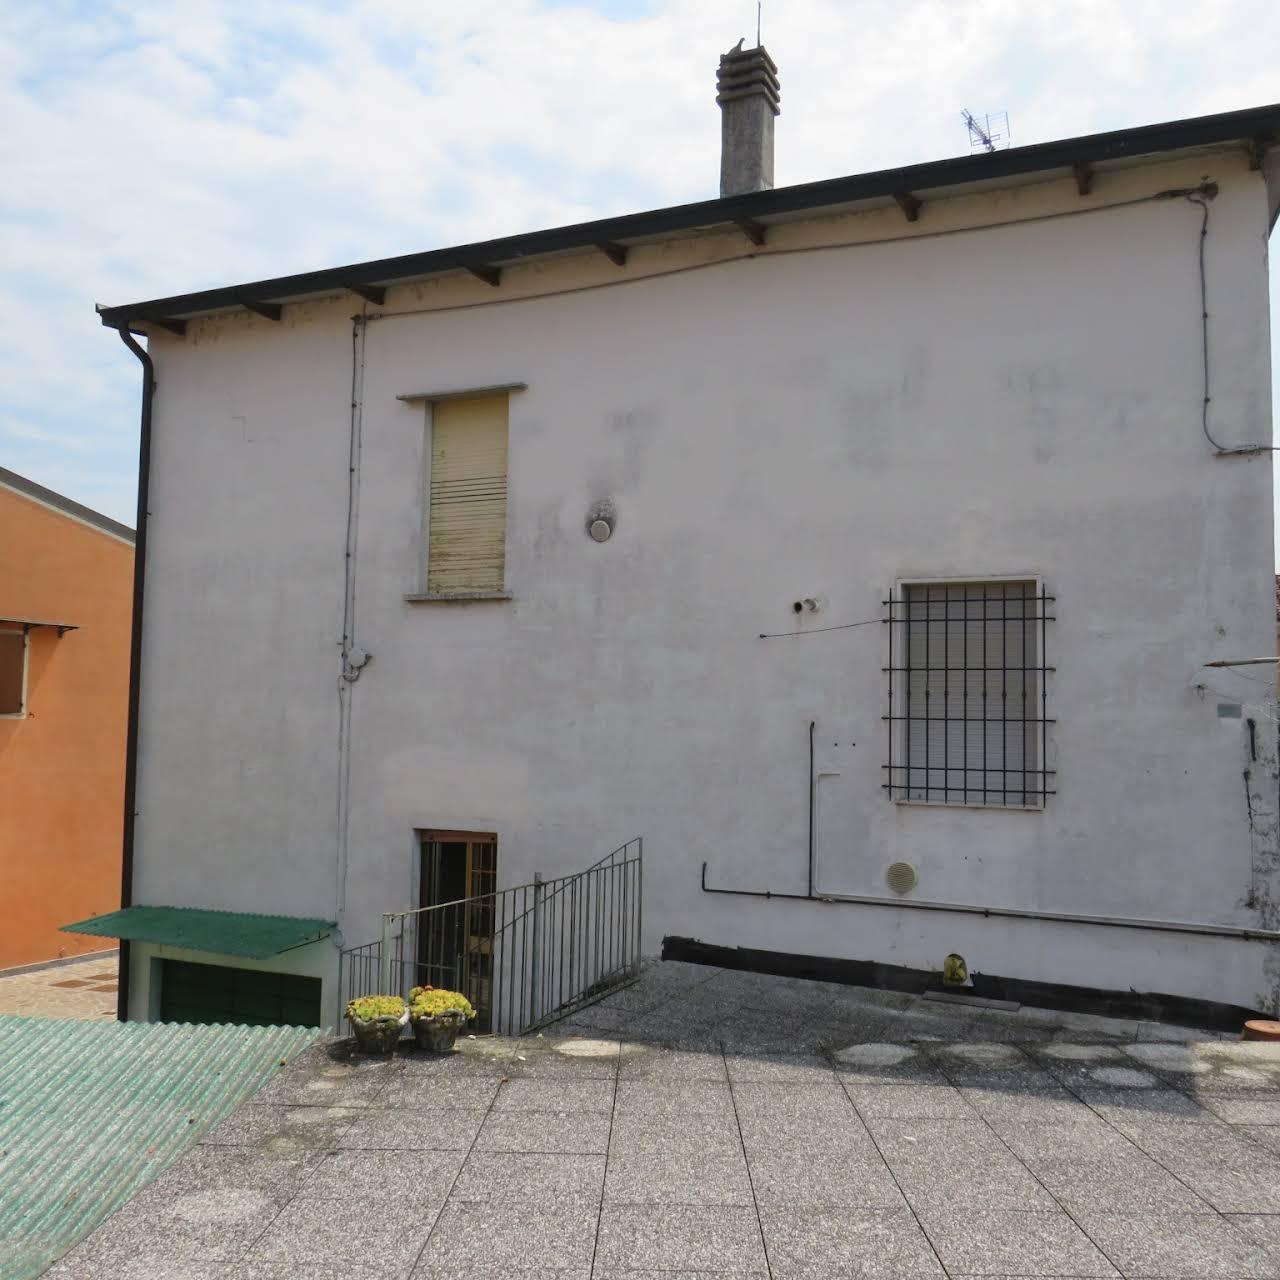 Agenzie Immobiliari Mantova a casamia - agenzia immobiliare a cremona